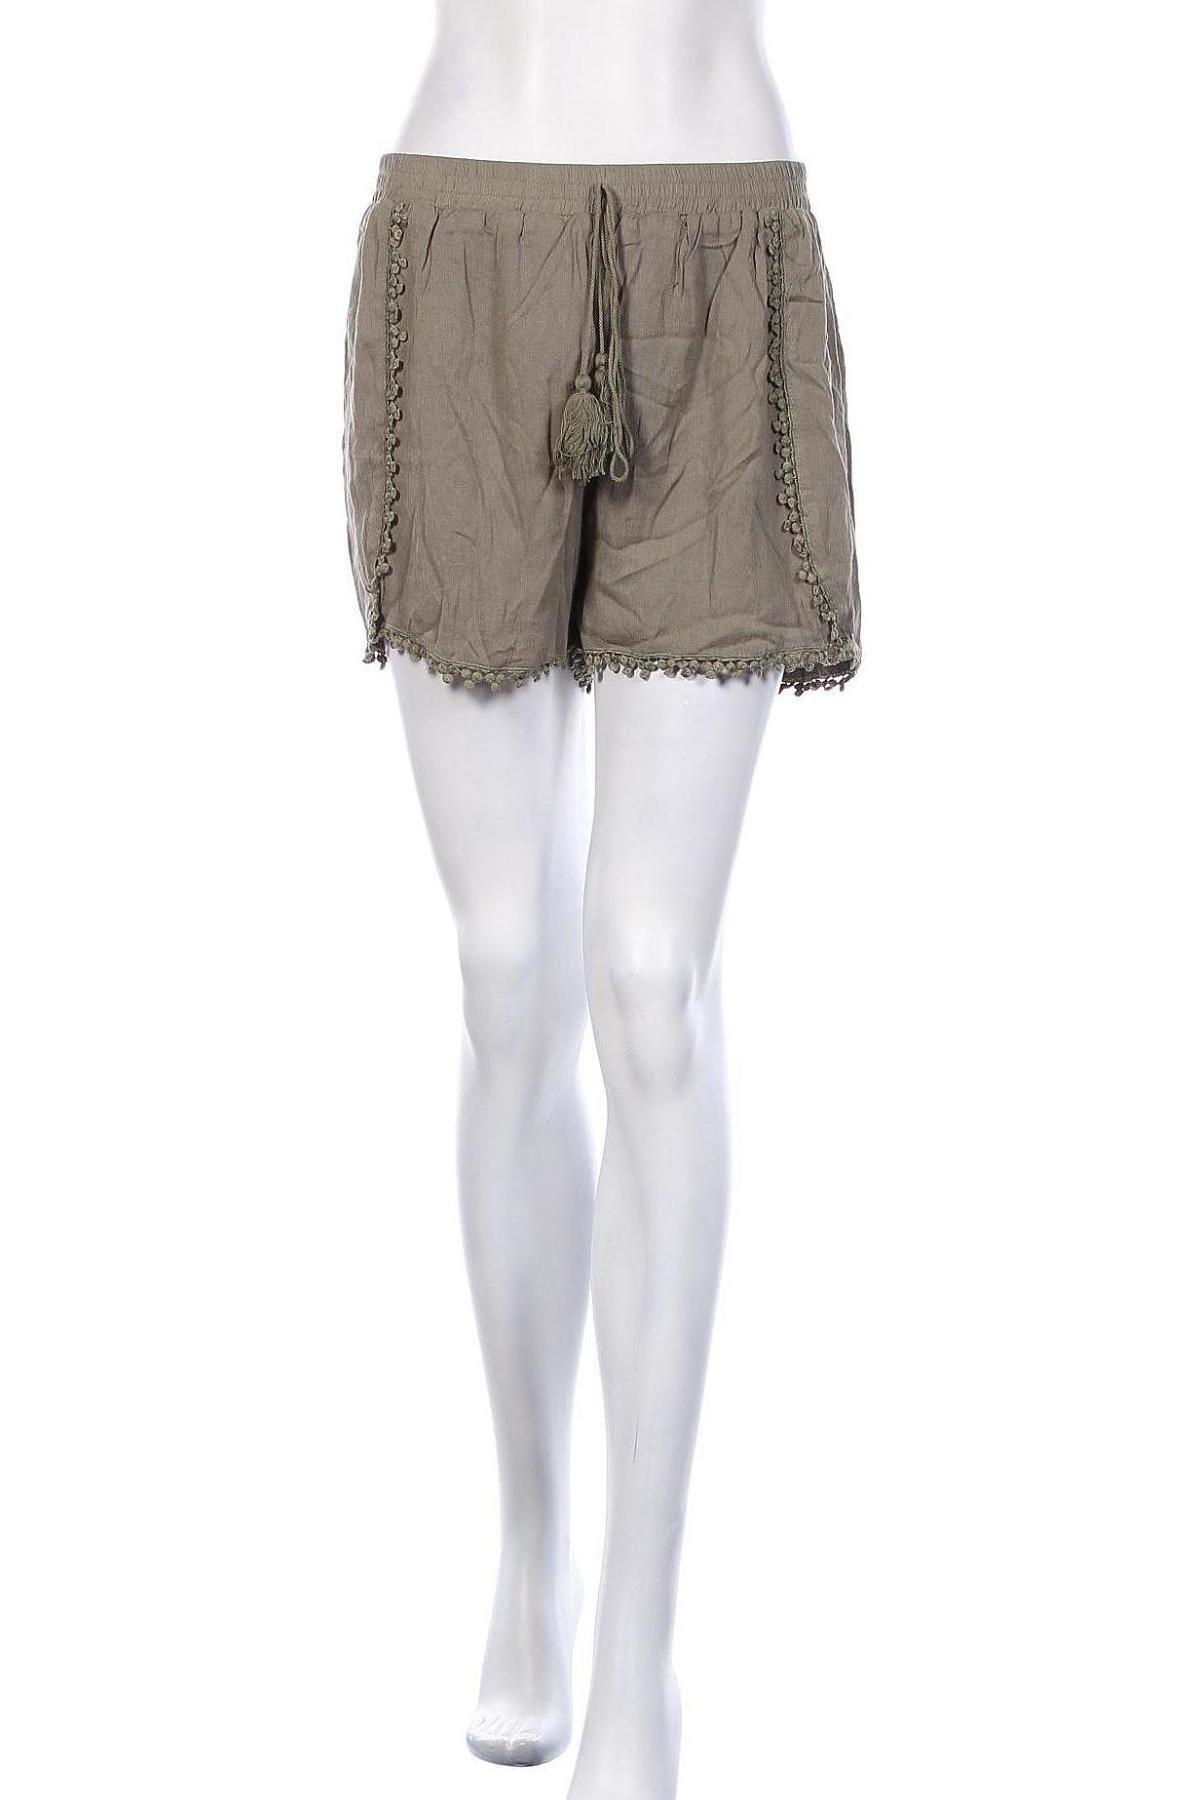 Γυναικείο κοντό παντελόνι Molly Bracken, Μέγεθος L, Χρώμα Πράσινο, Βισκόζη, Τιμή 13,89€